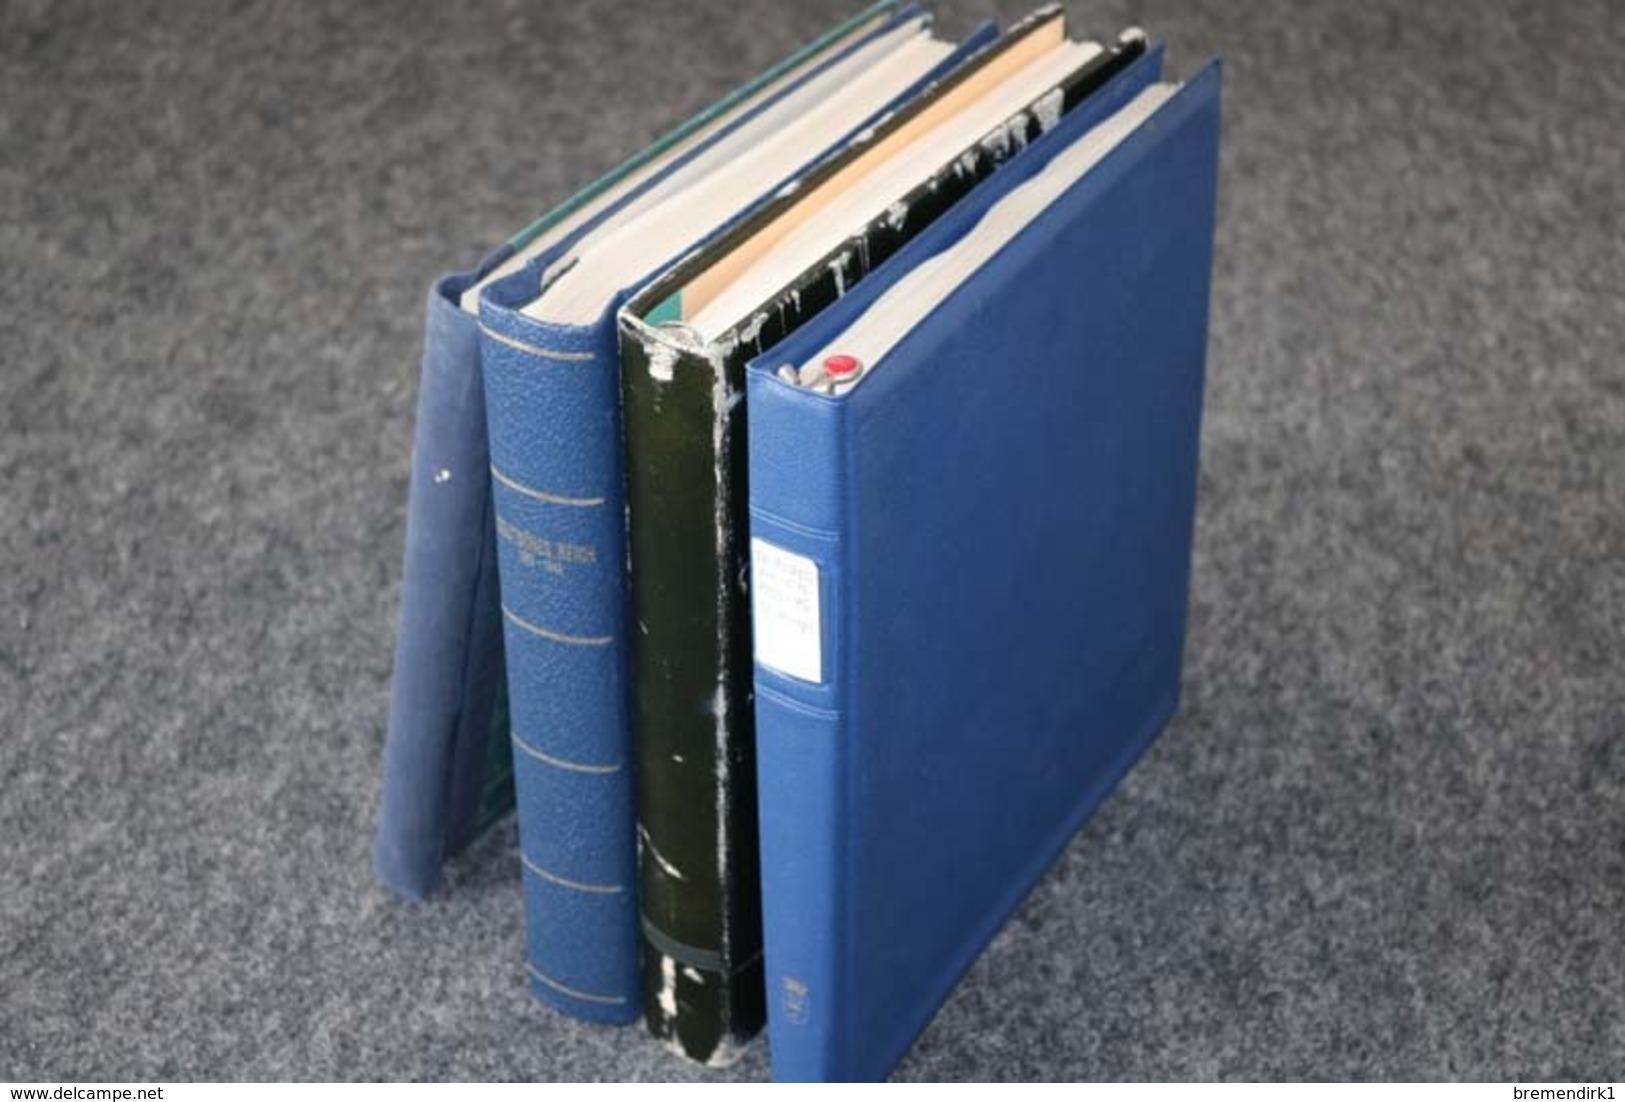 DEUTSCHES REICH Sammlungen In 4 Vordruckalben, 189 Bilder ....208 (F) - Lots & Kiloware (min. 1000 Stück)